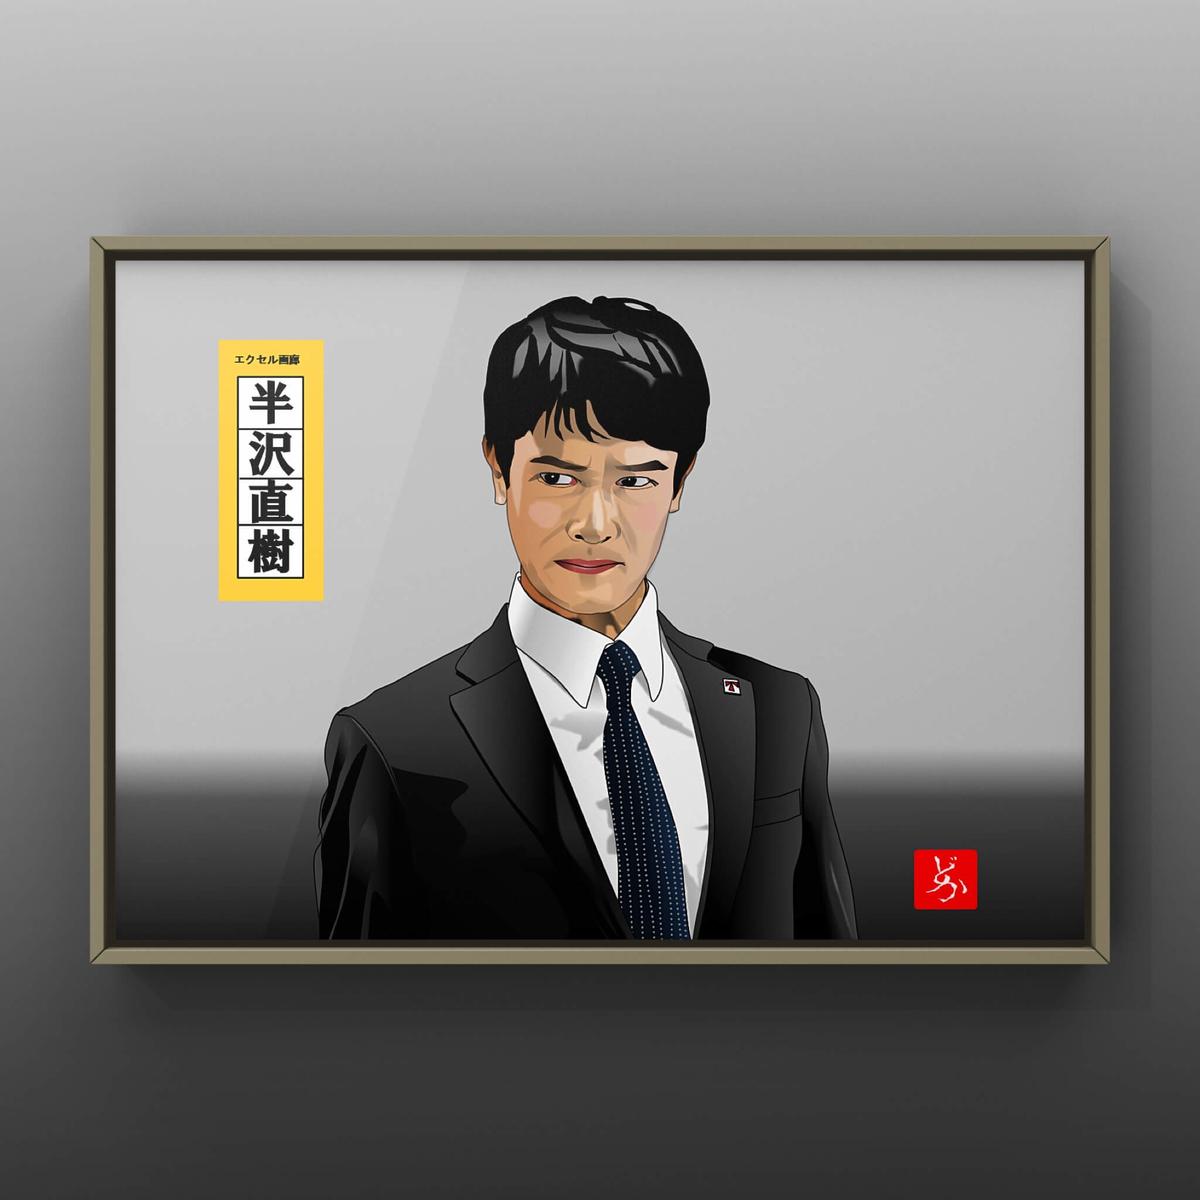 半沢直樹@堺雅人のエクセル画イラスト額装版